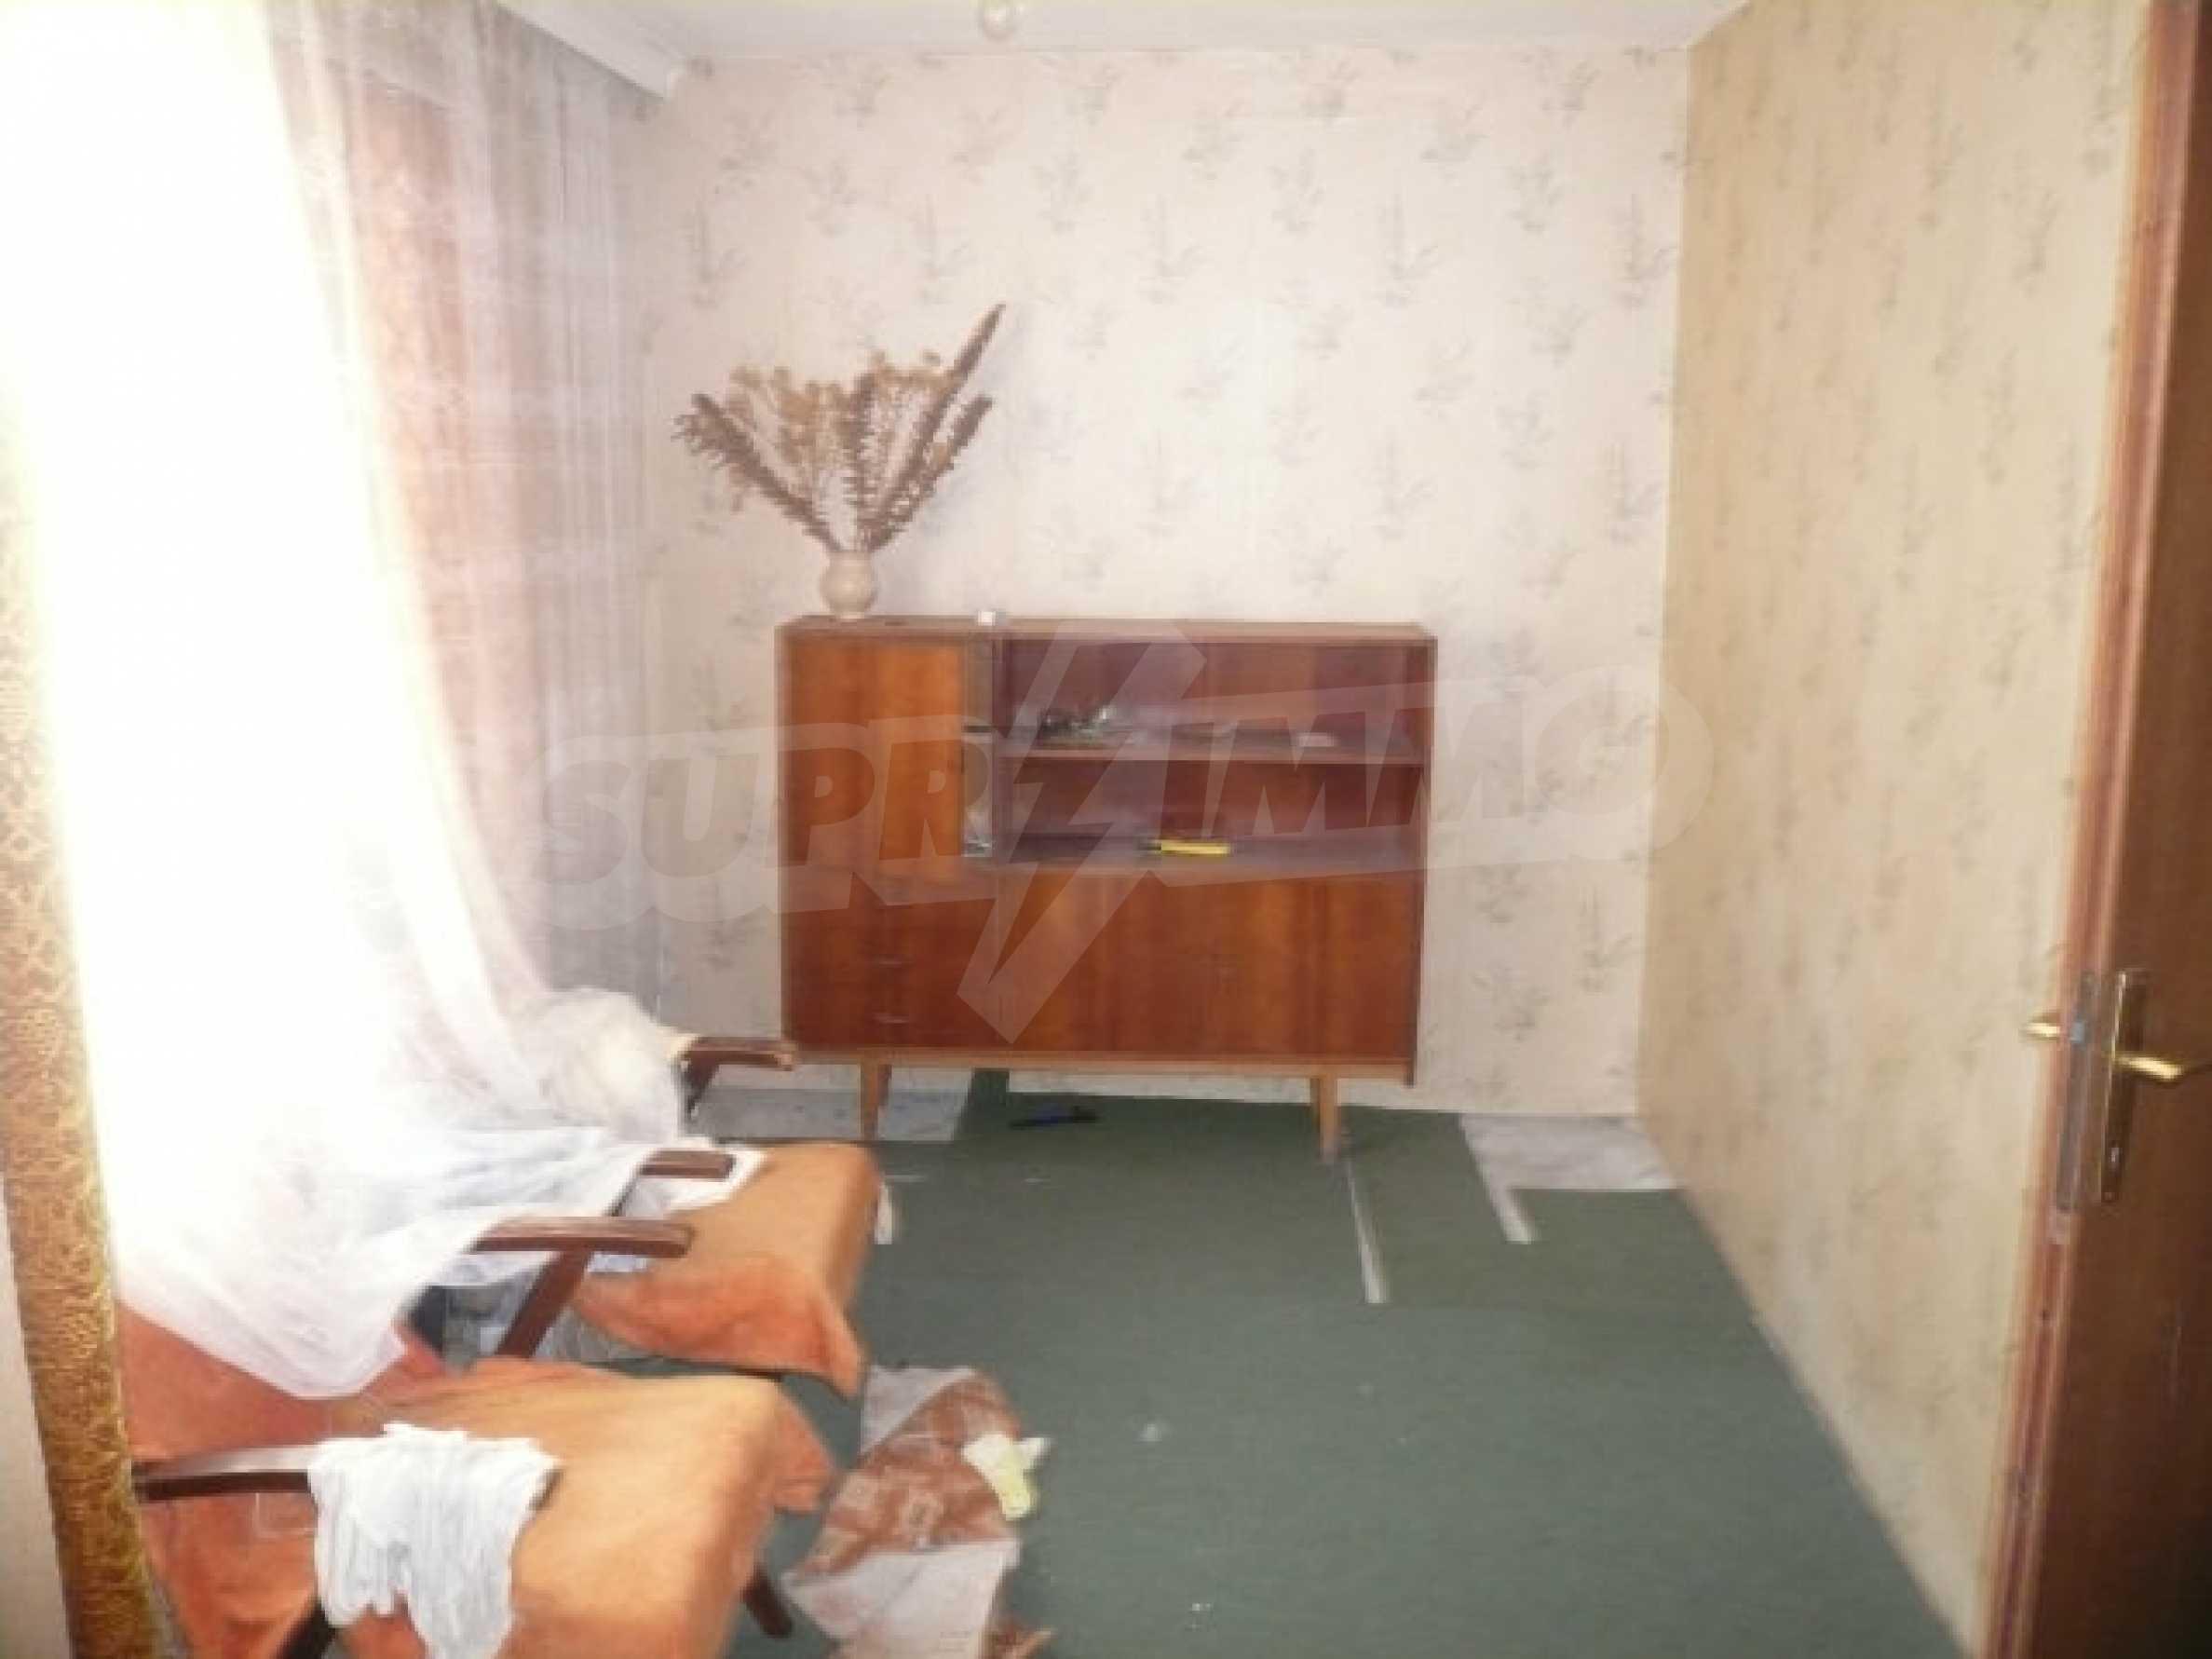 Haus zum Verkauf in der Nähe von Vidin, Bulgarien 18